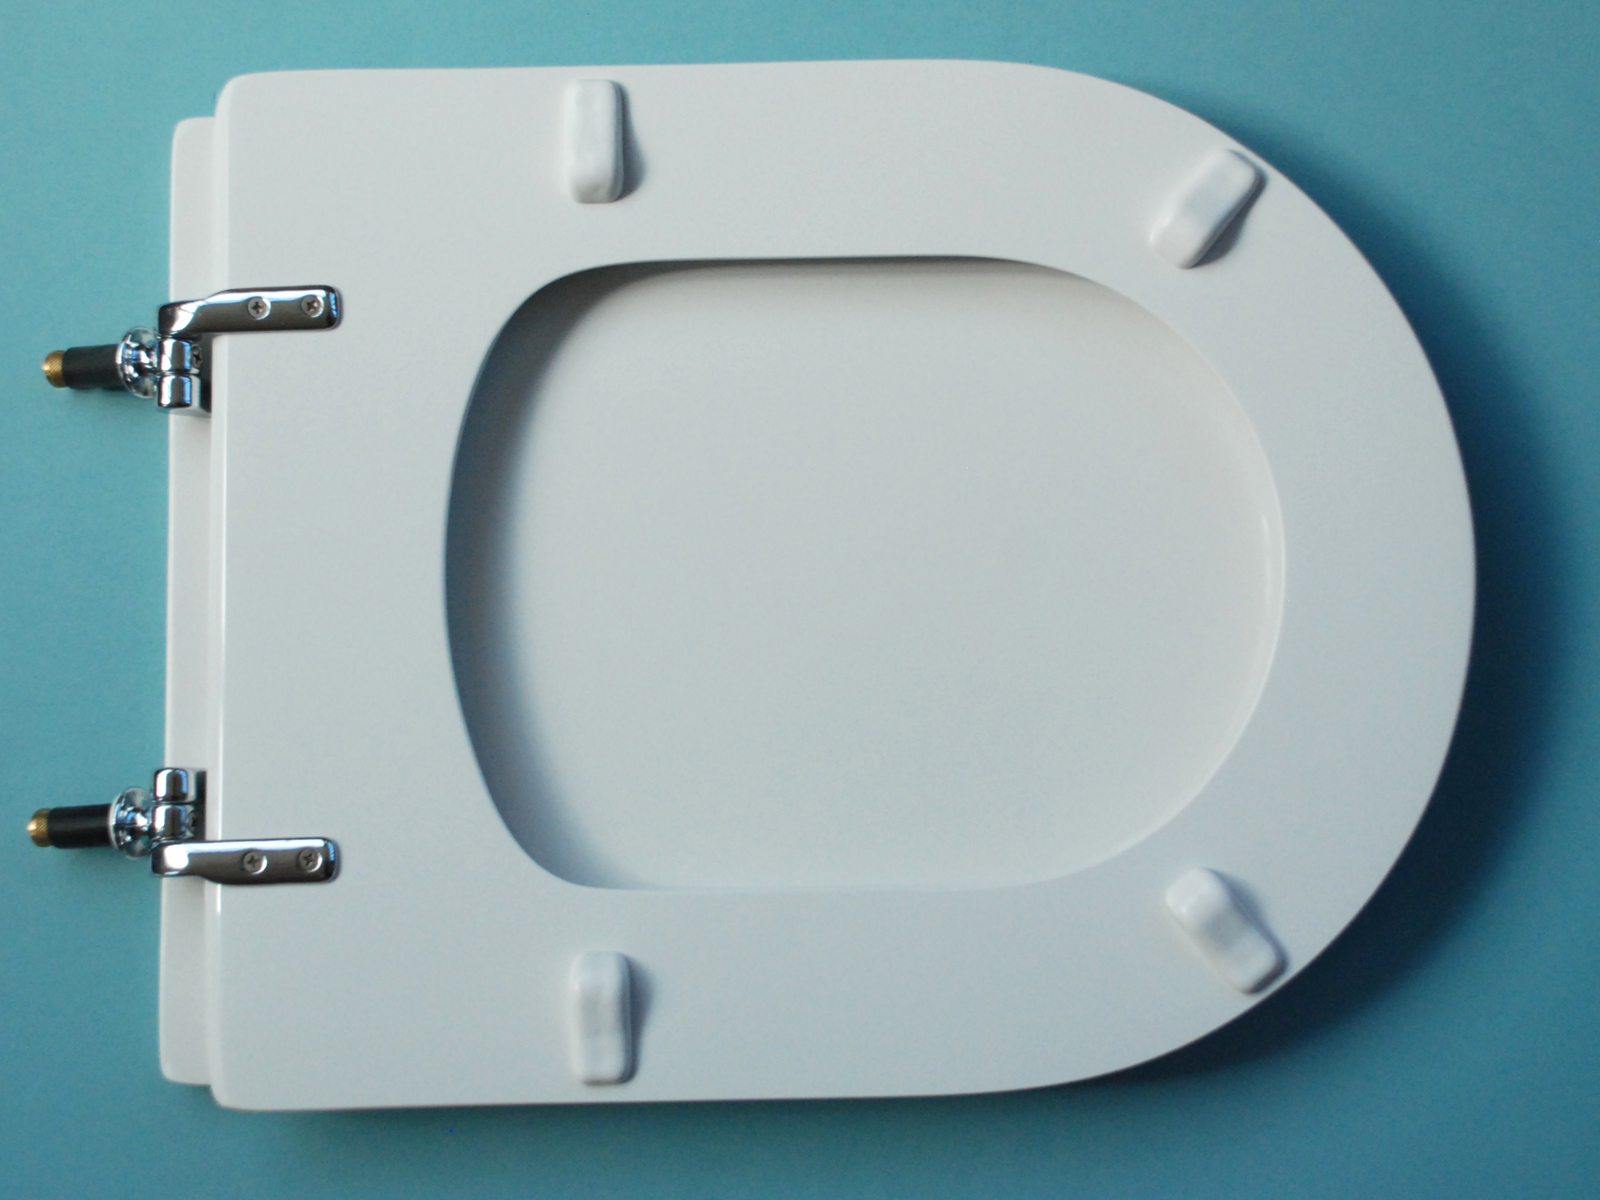 dolomite clodia  Sedile Wc Copriwater per modello Clodia marca Dolomite € 49,90 - IL ...